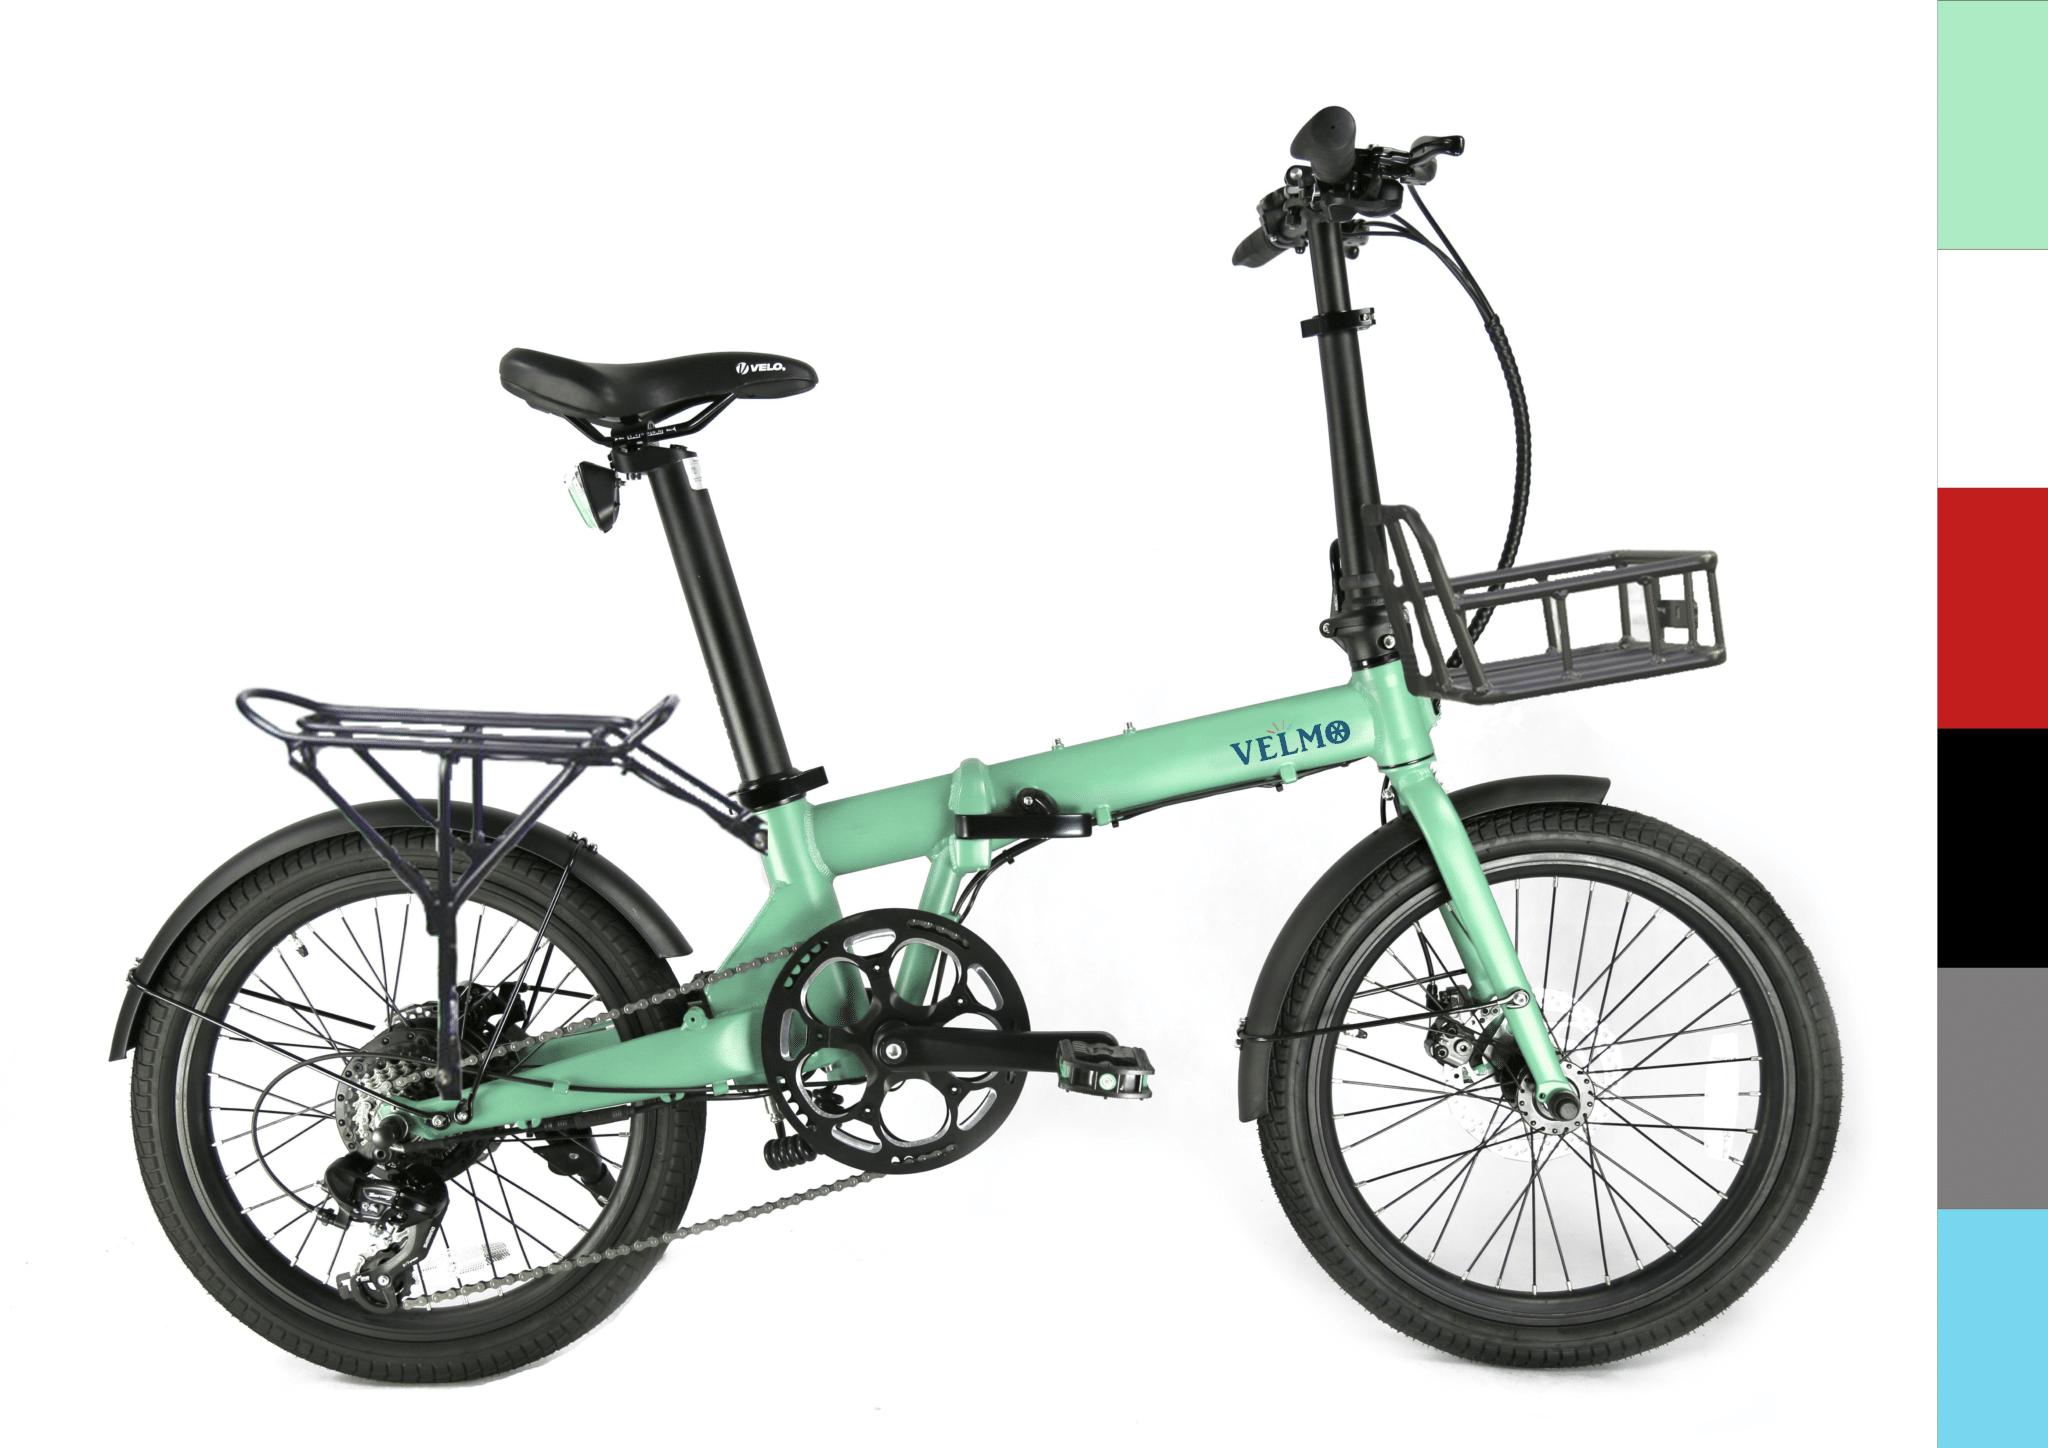 VELMO-Q2グリーン